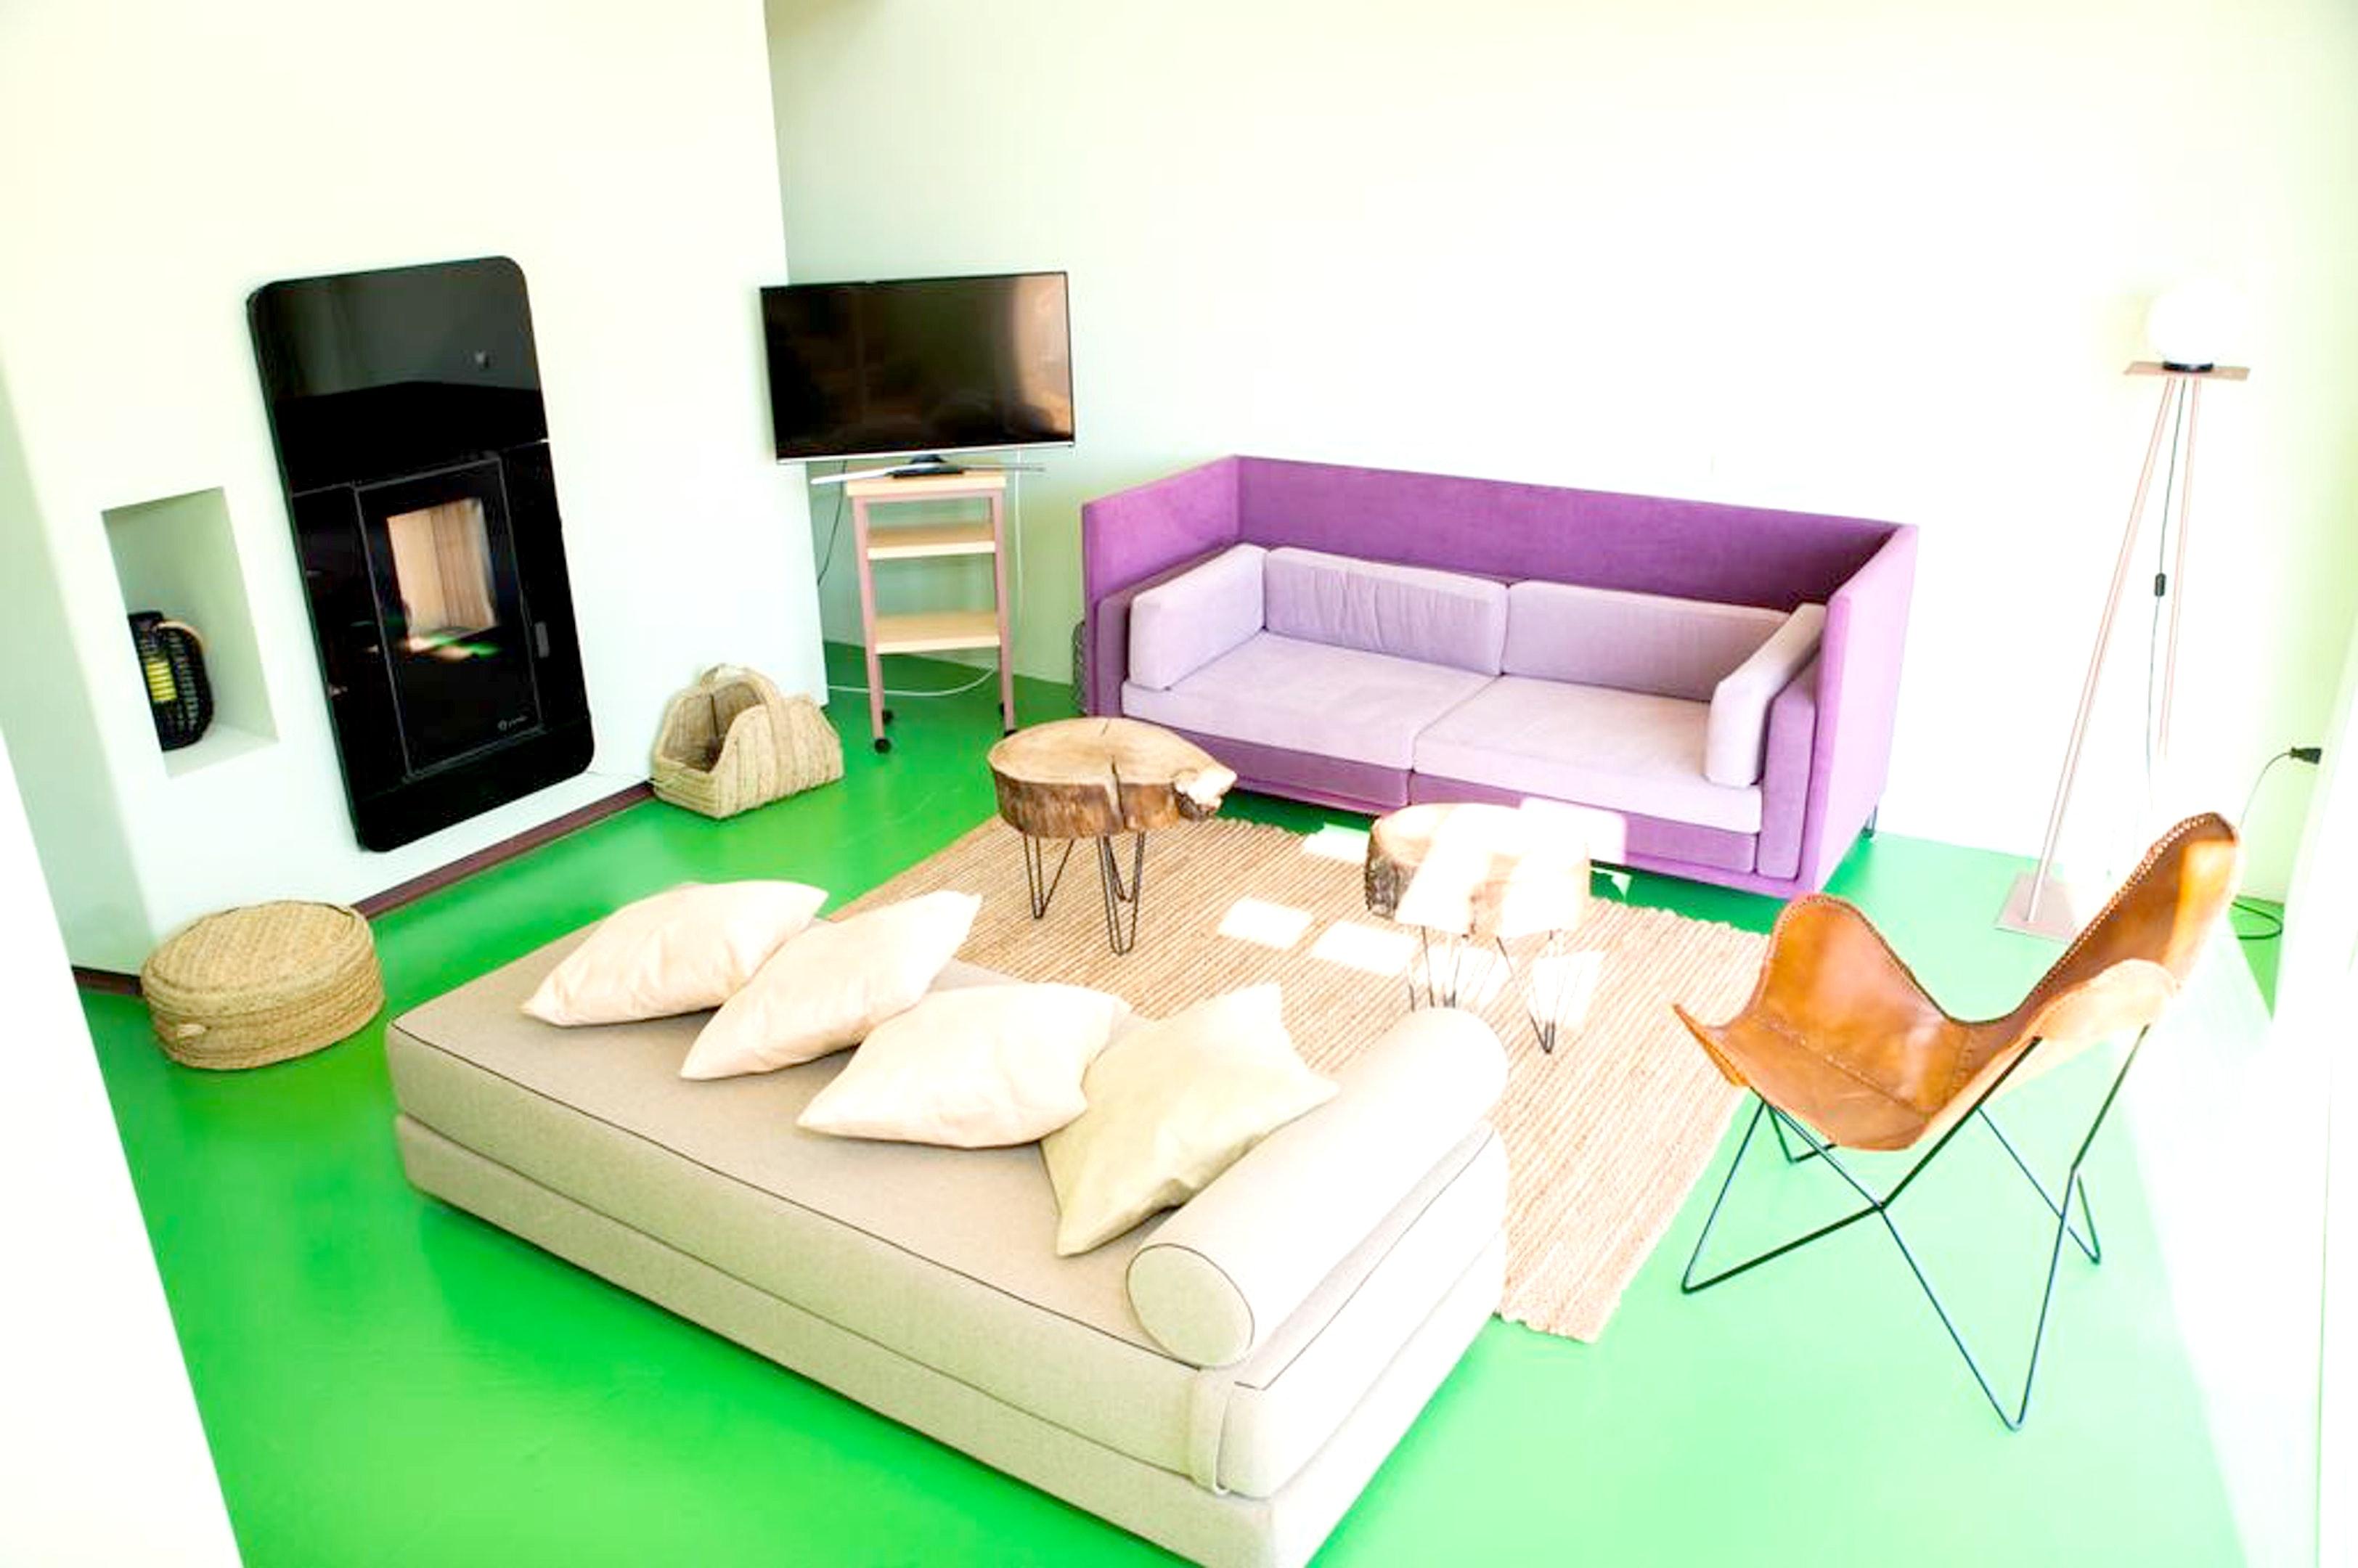 Ferienhaus Haus mit einem Schlafzimmer in Argamasilla de Alba mit Pool, eingezäuntem Garten und W-LAN (2541147), Argamasilla de Alba, Ciudad Real, Kastilien-La Mancha, Spanien, Bild 2